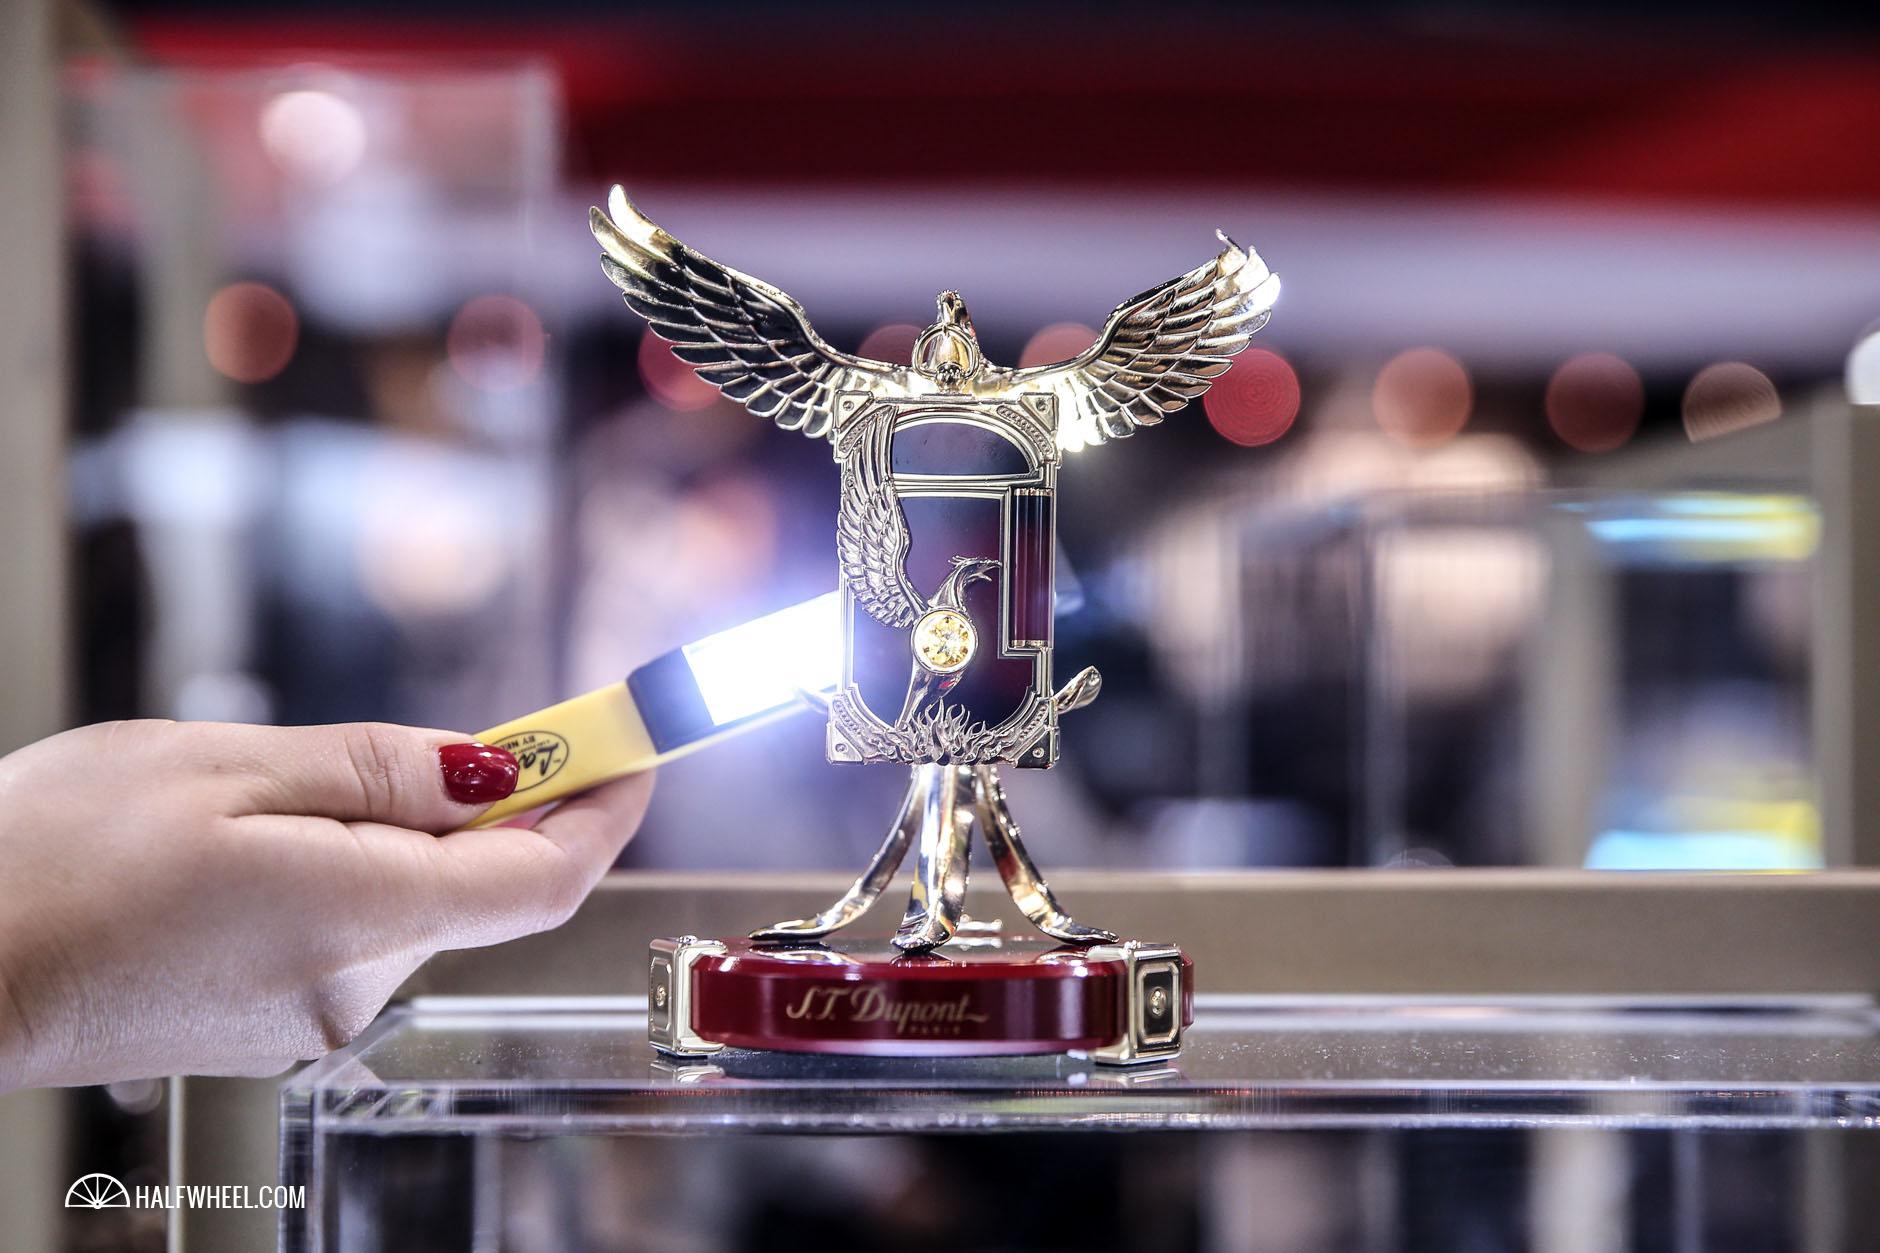 S.T.Dupont Phoenix Renaissance Prestige Lighter